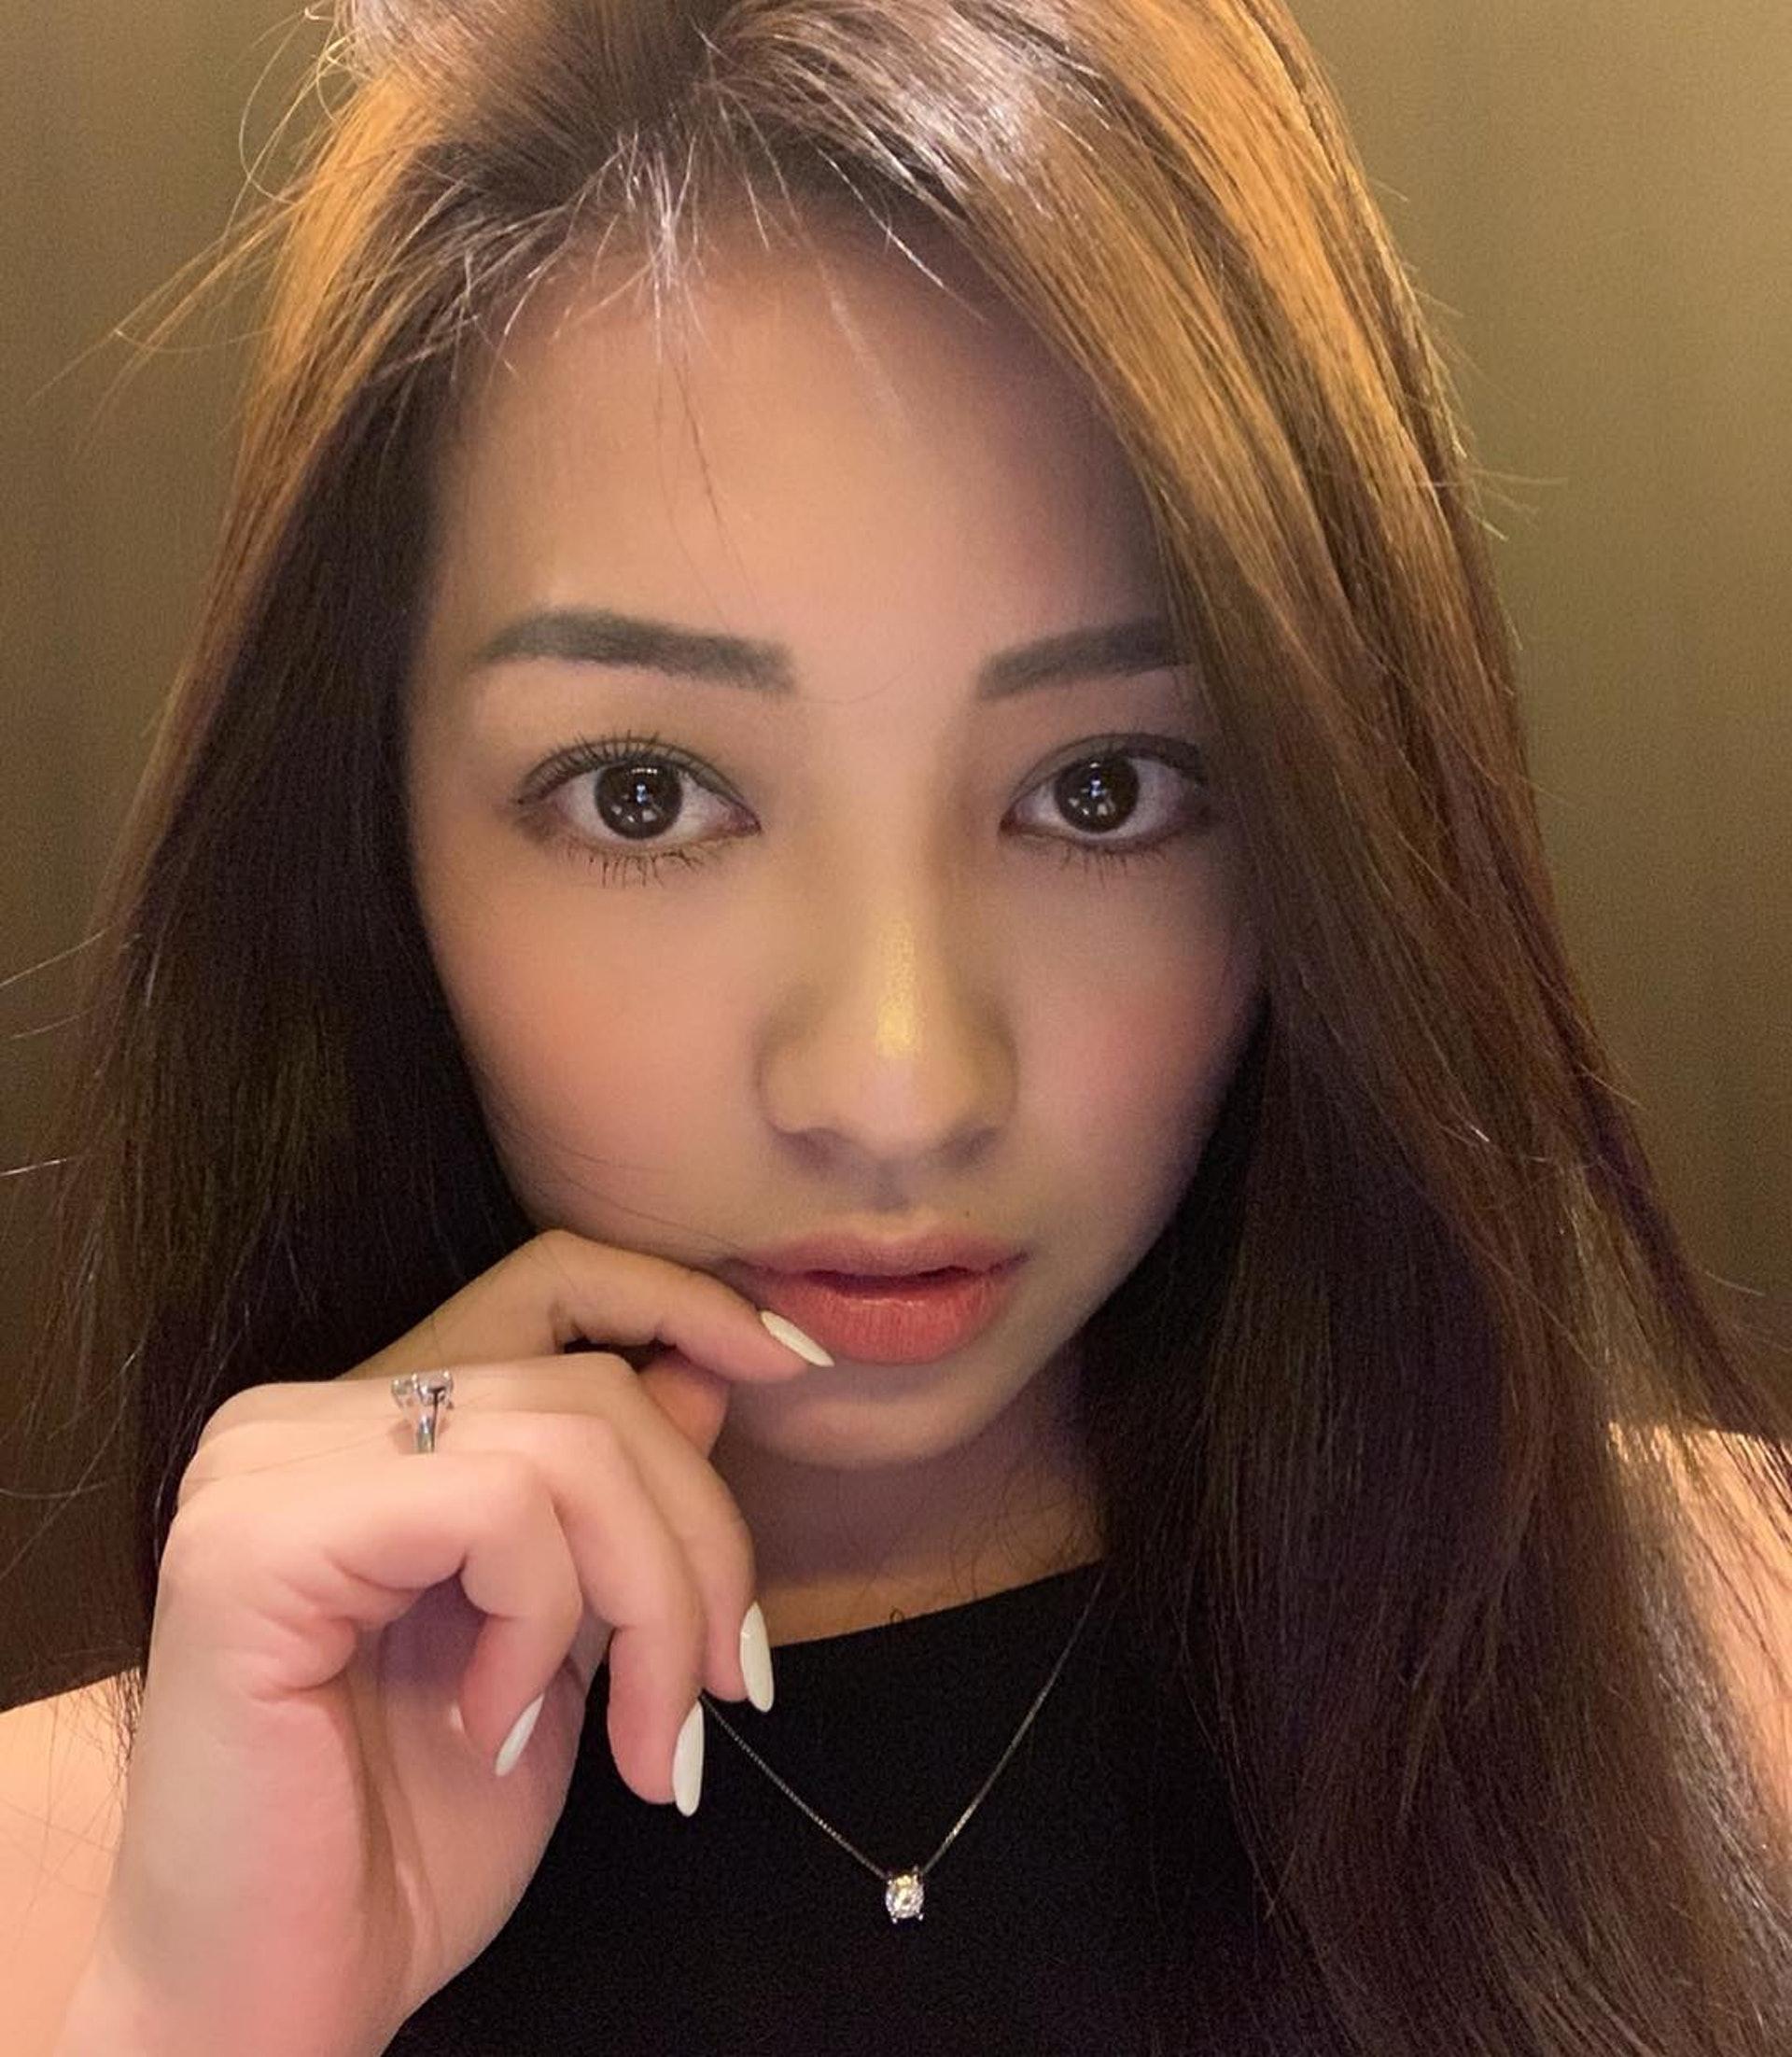 台灣美女Sabrina吳怡德(Instagram@sabrina810914)